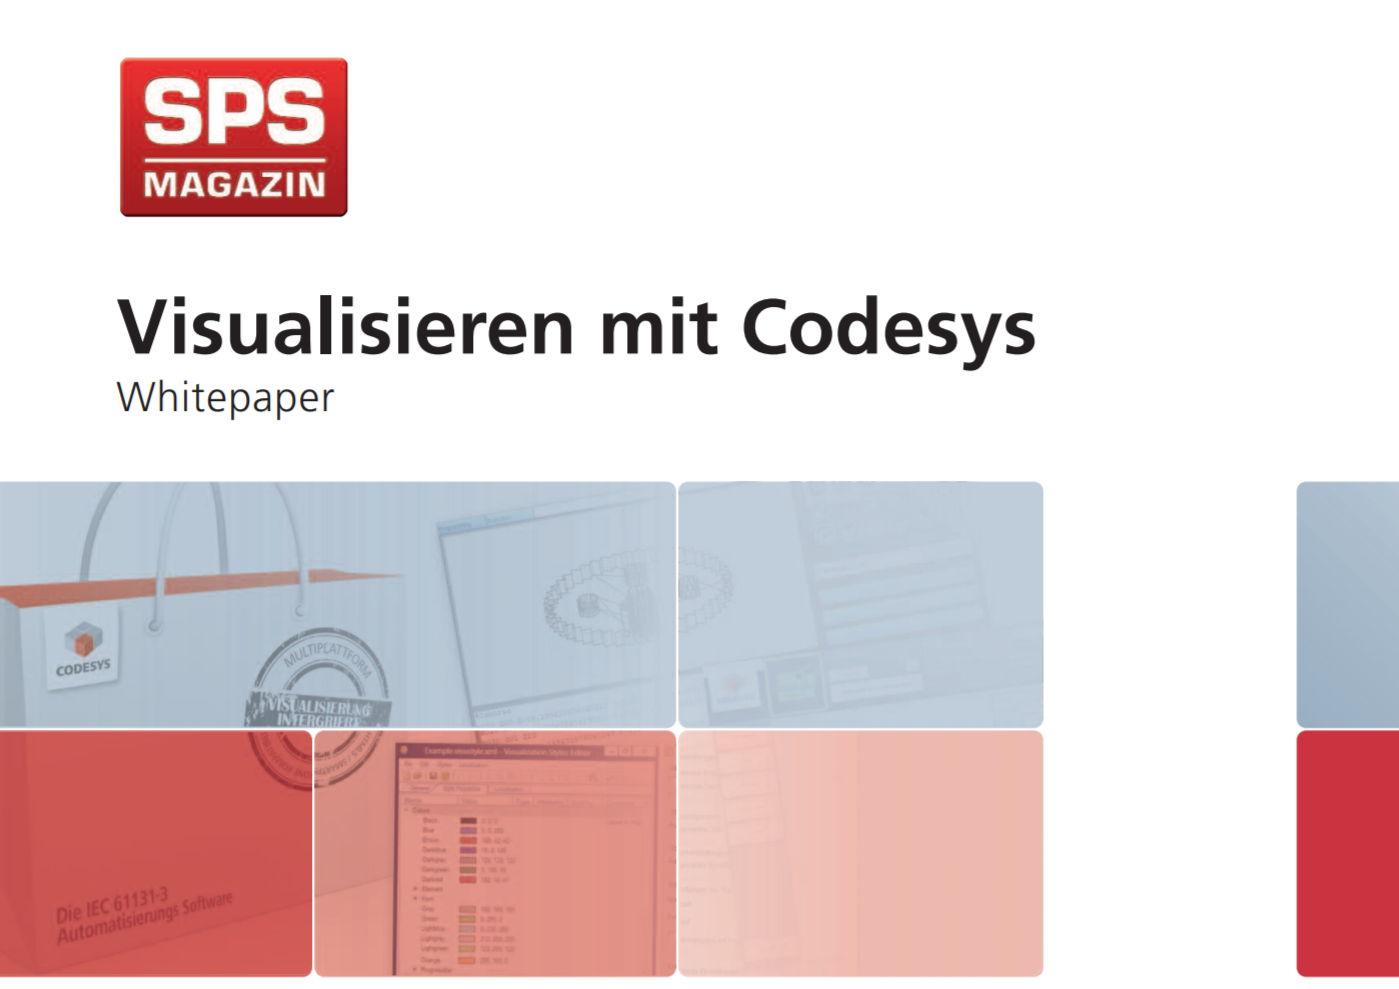 Visualisieren mit Codesys